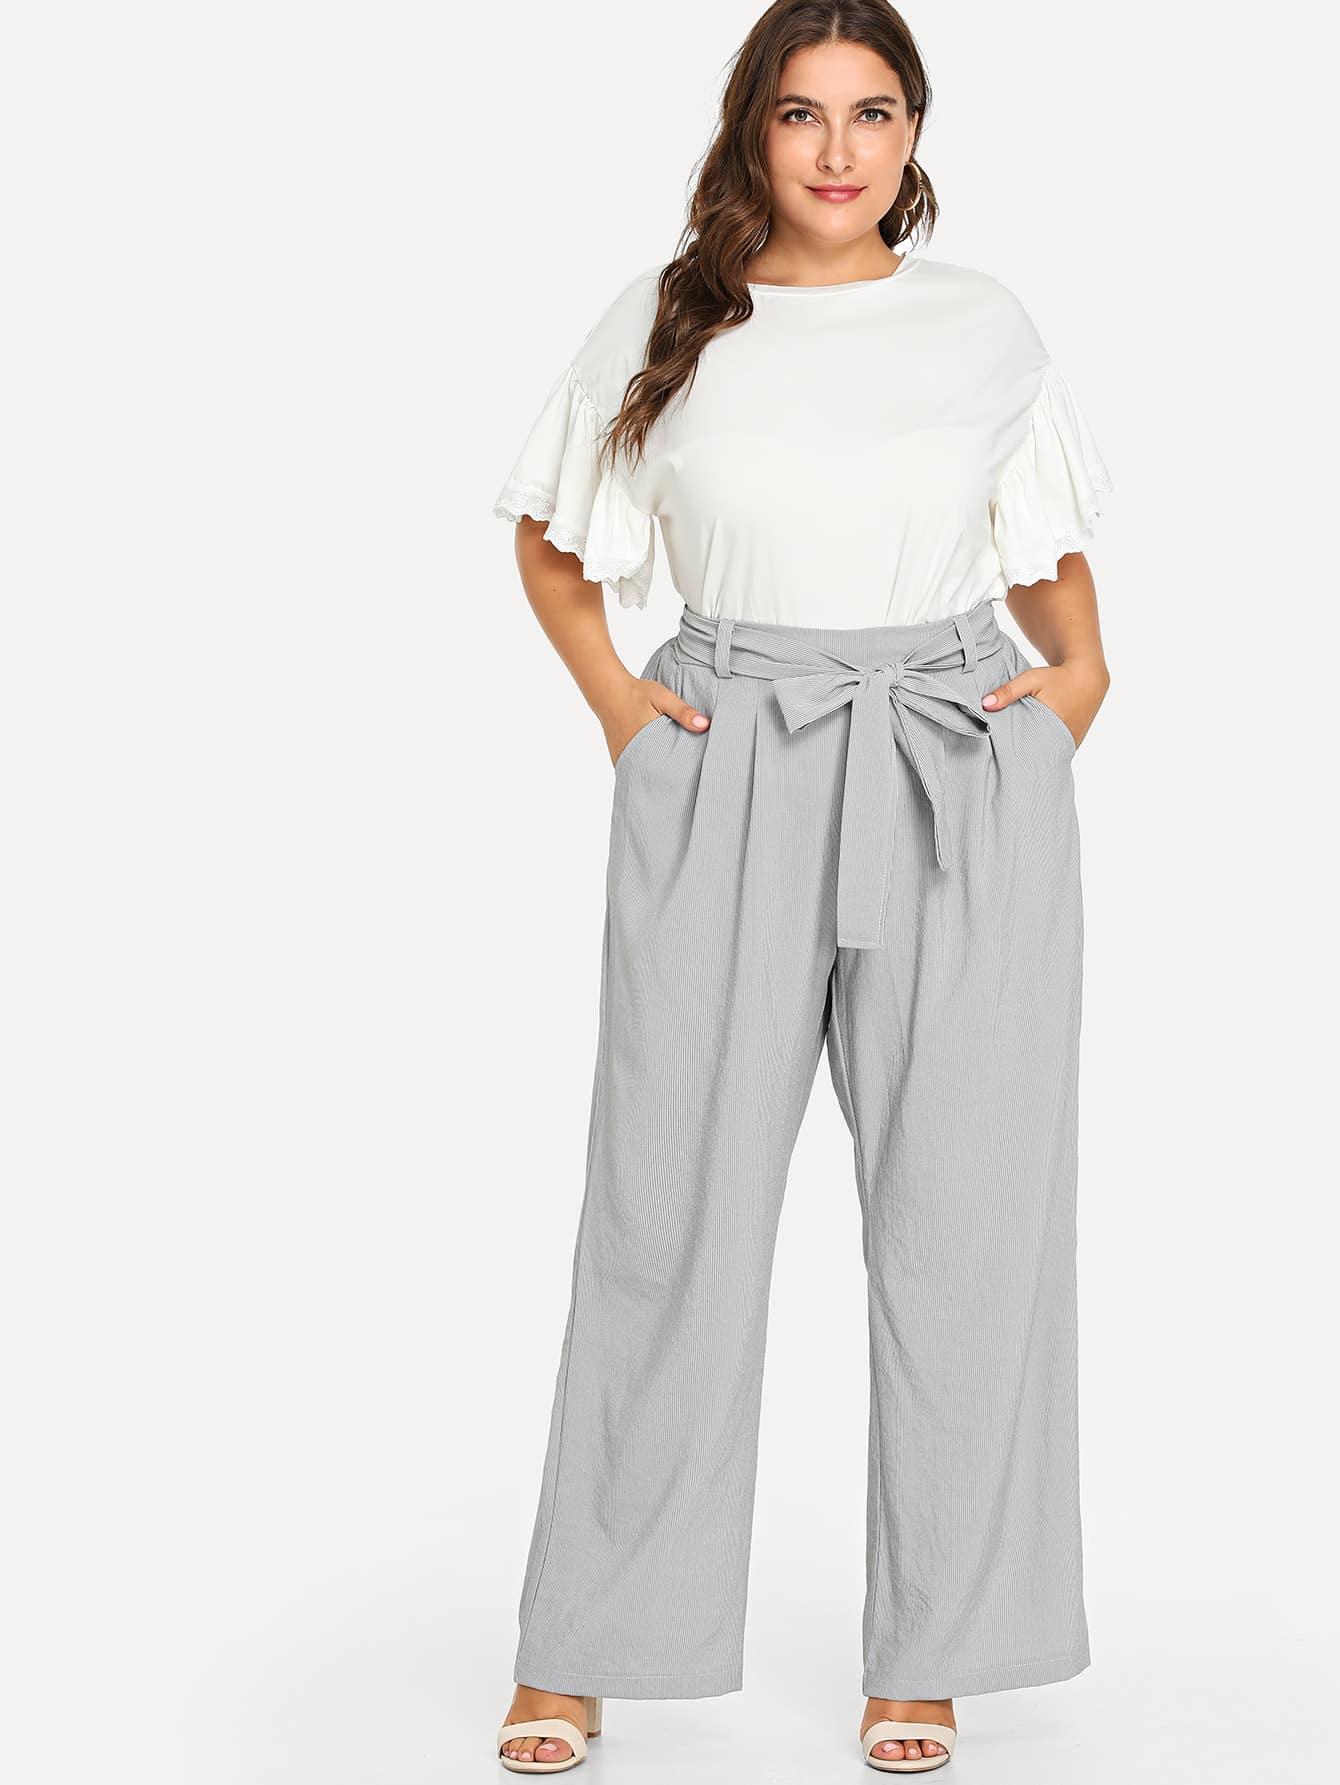 Купить Большие полосатые широкие ножные штаны, Franziska, SheIn